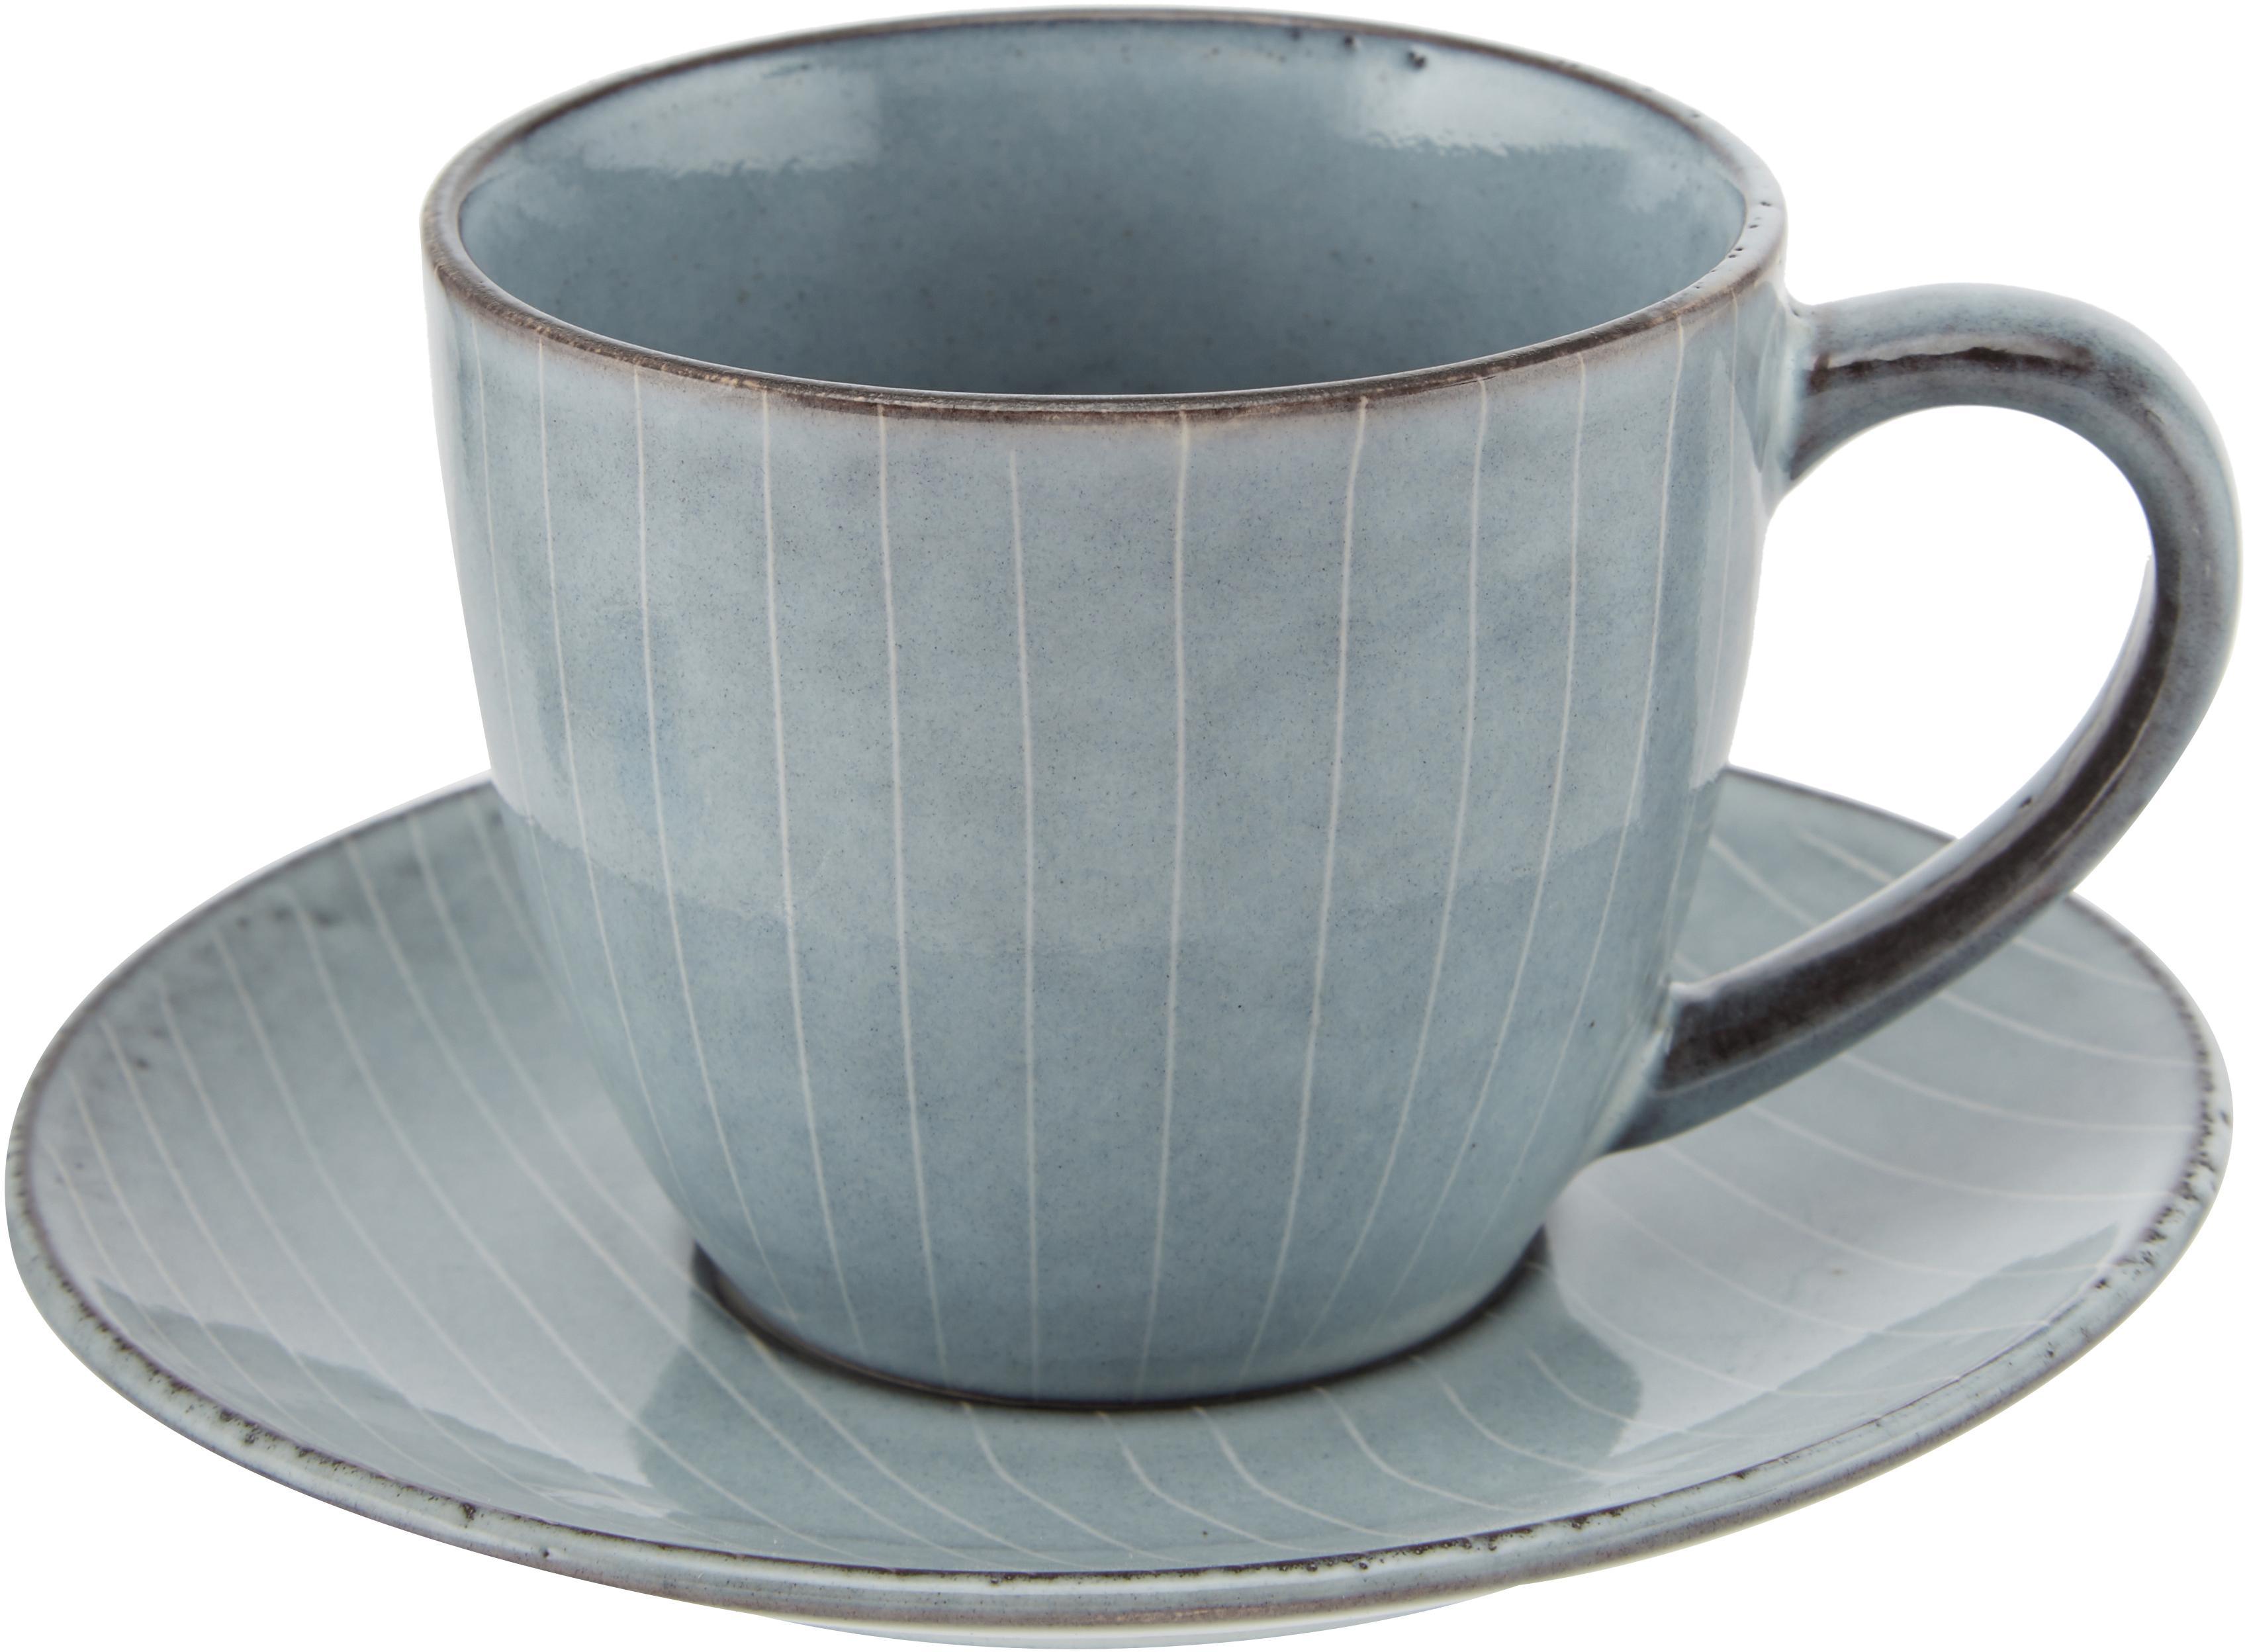 Taza artesanal Nordic Sea, Gres, Tonos grises y azules, Ø 14 x Al 9 cm